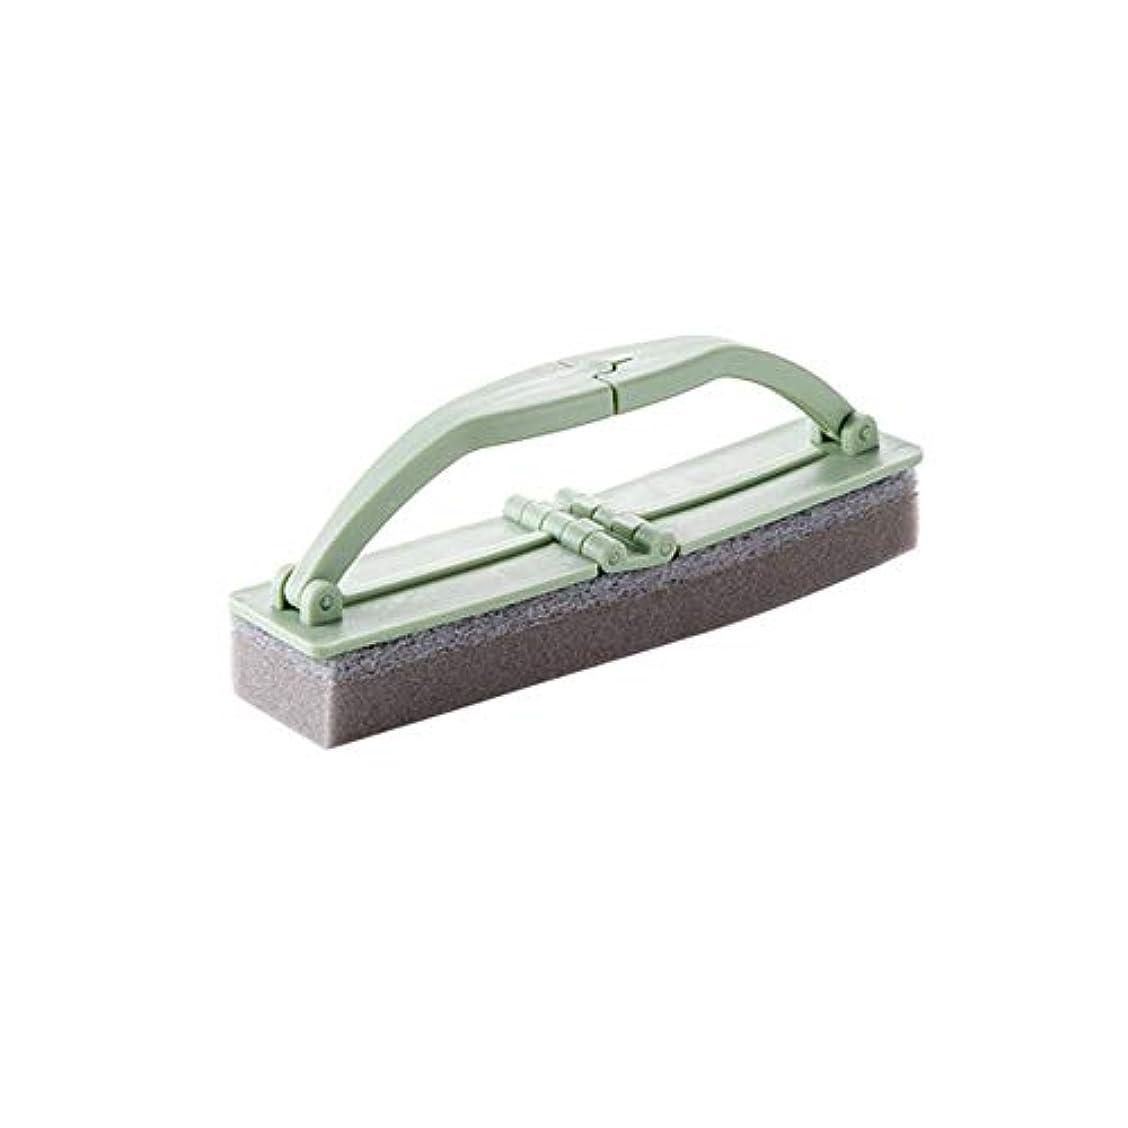 ペイント荒涼としたライナーポアクリーニング 折りたたみ式の浴室スポンジハンドル付き強力な汚染除去タイルクリーニングスポンジブラシ2 PCS マッサージブラシ (色 : 緑)